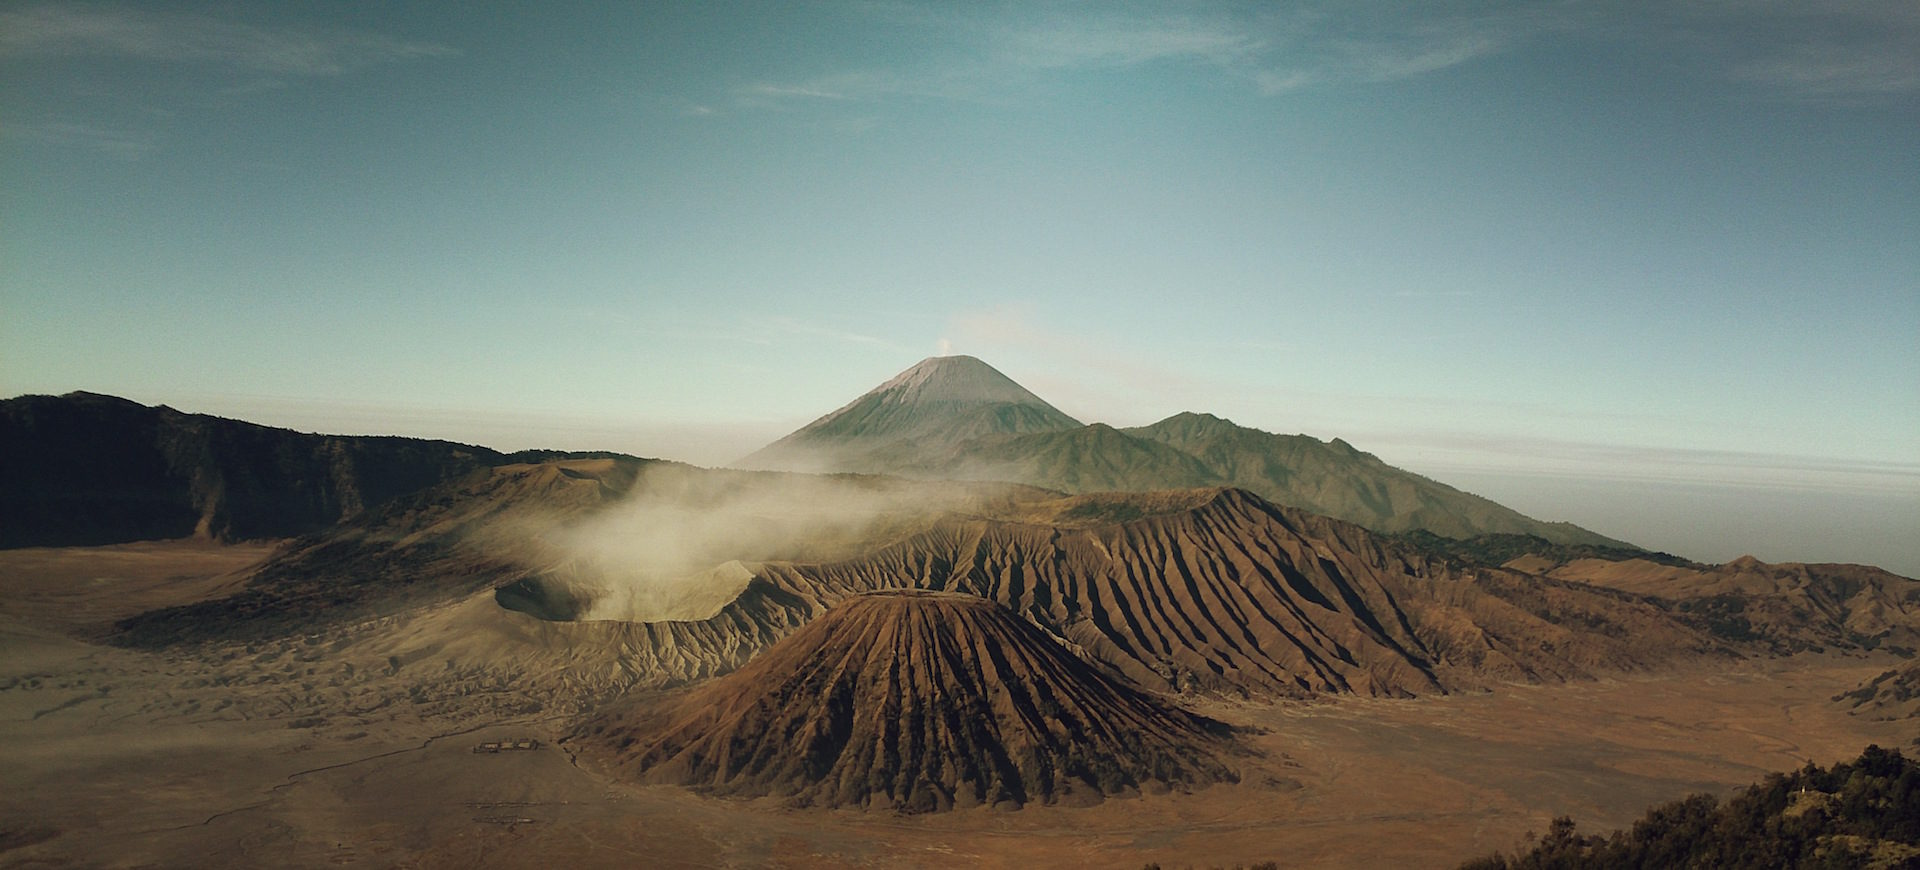 montañas, Vulcão, gases, Céu, nuvens - Papéis de parede HD - Professor-falken.com